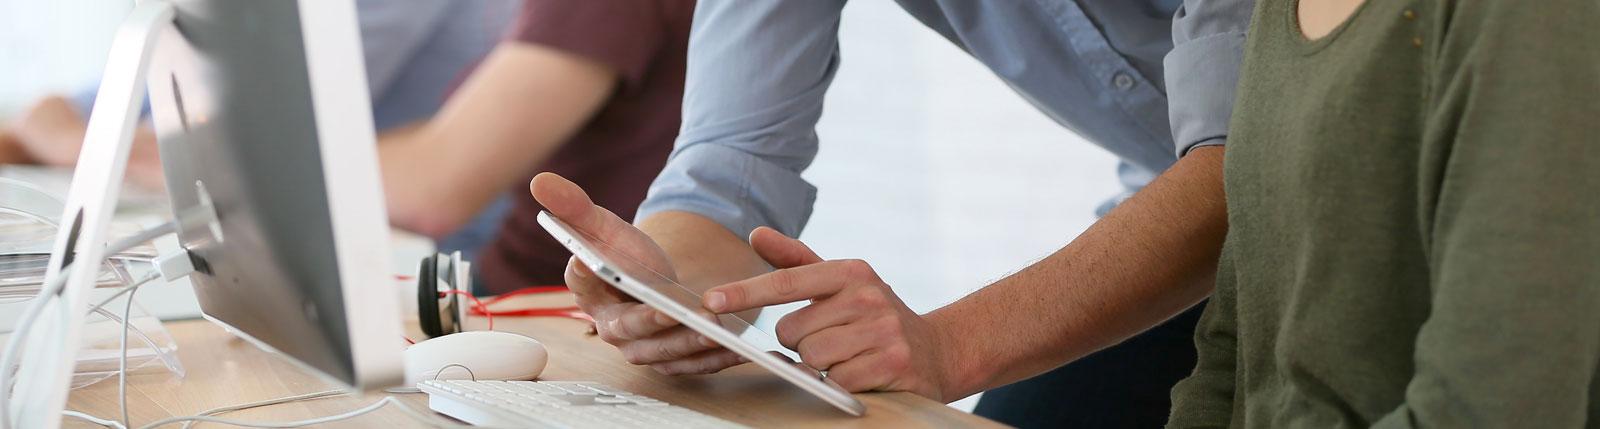 Votre site internet entièrement administrable pour 499€ HT par mois pendant 3 mois